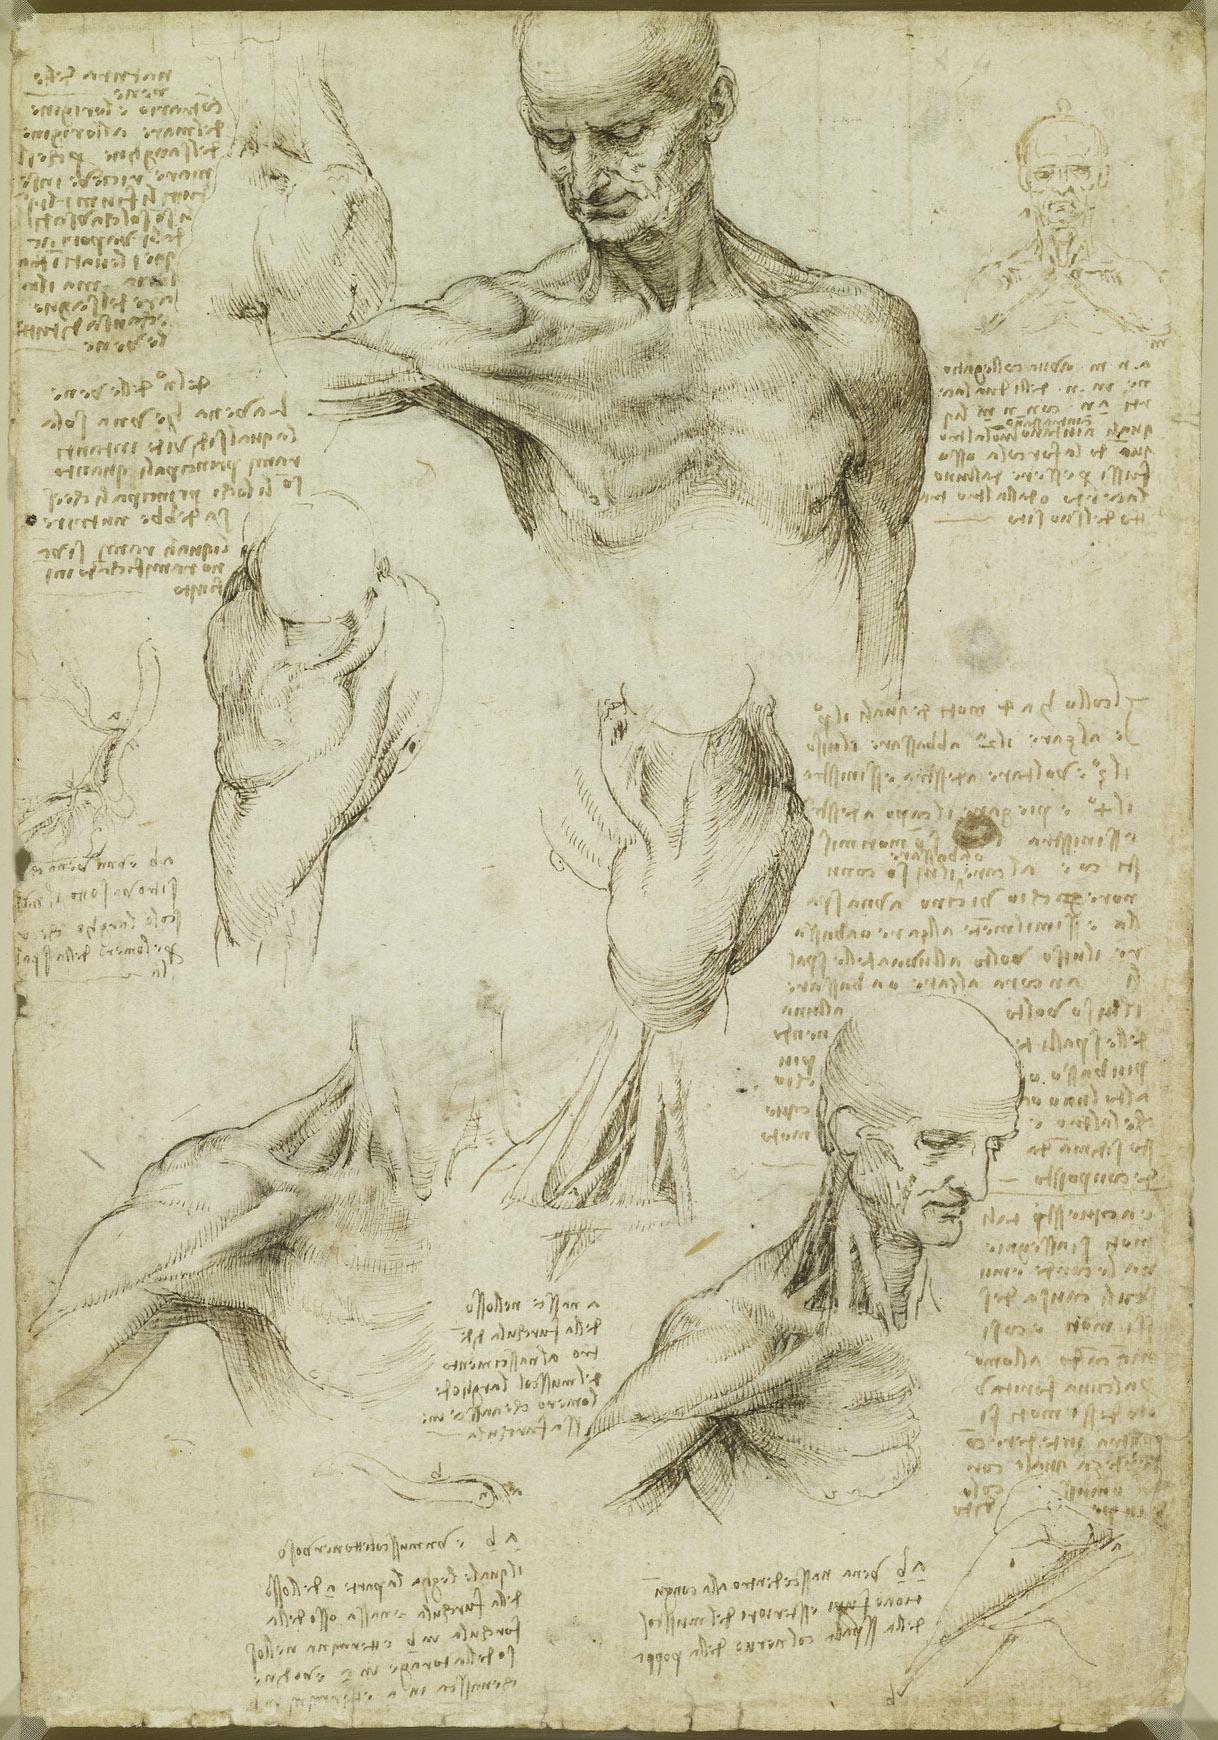 Leonardo Da Vinci Vinci 1452 Amboise 1519 Recto The Superficial